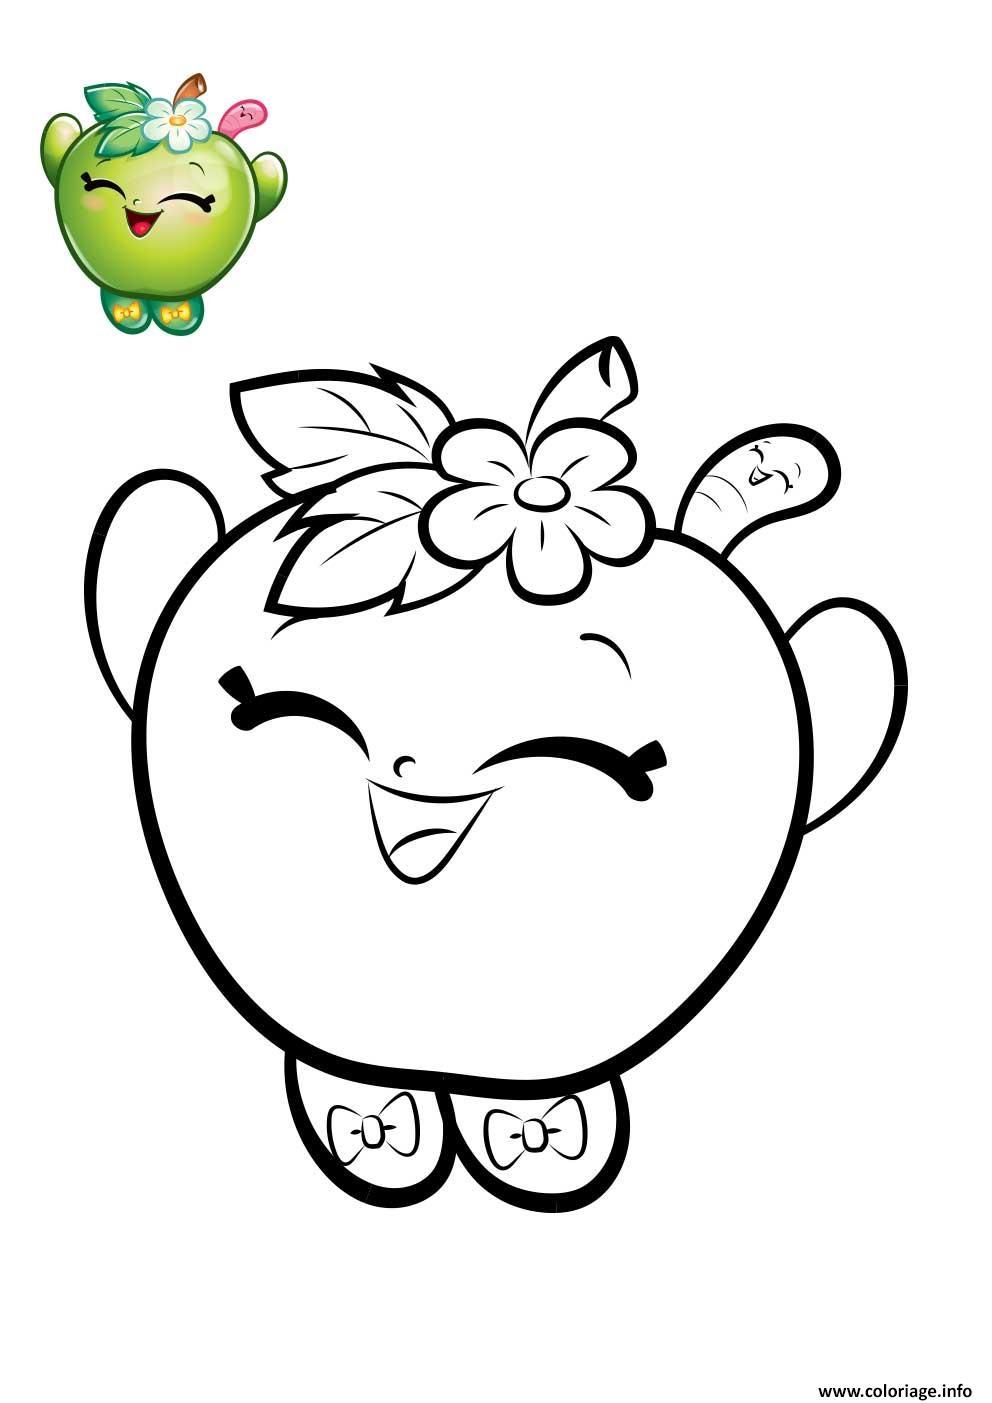 Dessin shopkins pomme verte Coloriage Gratuit à Imprimer